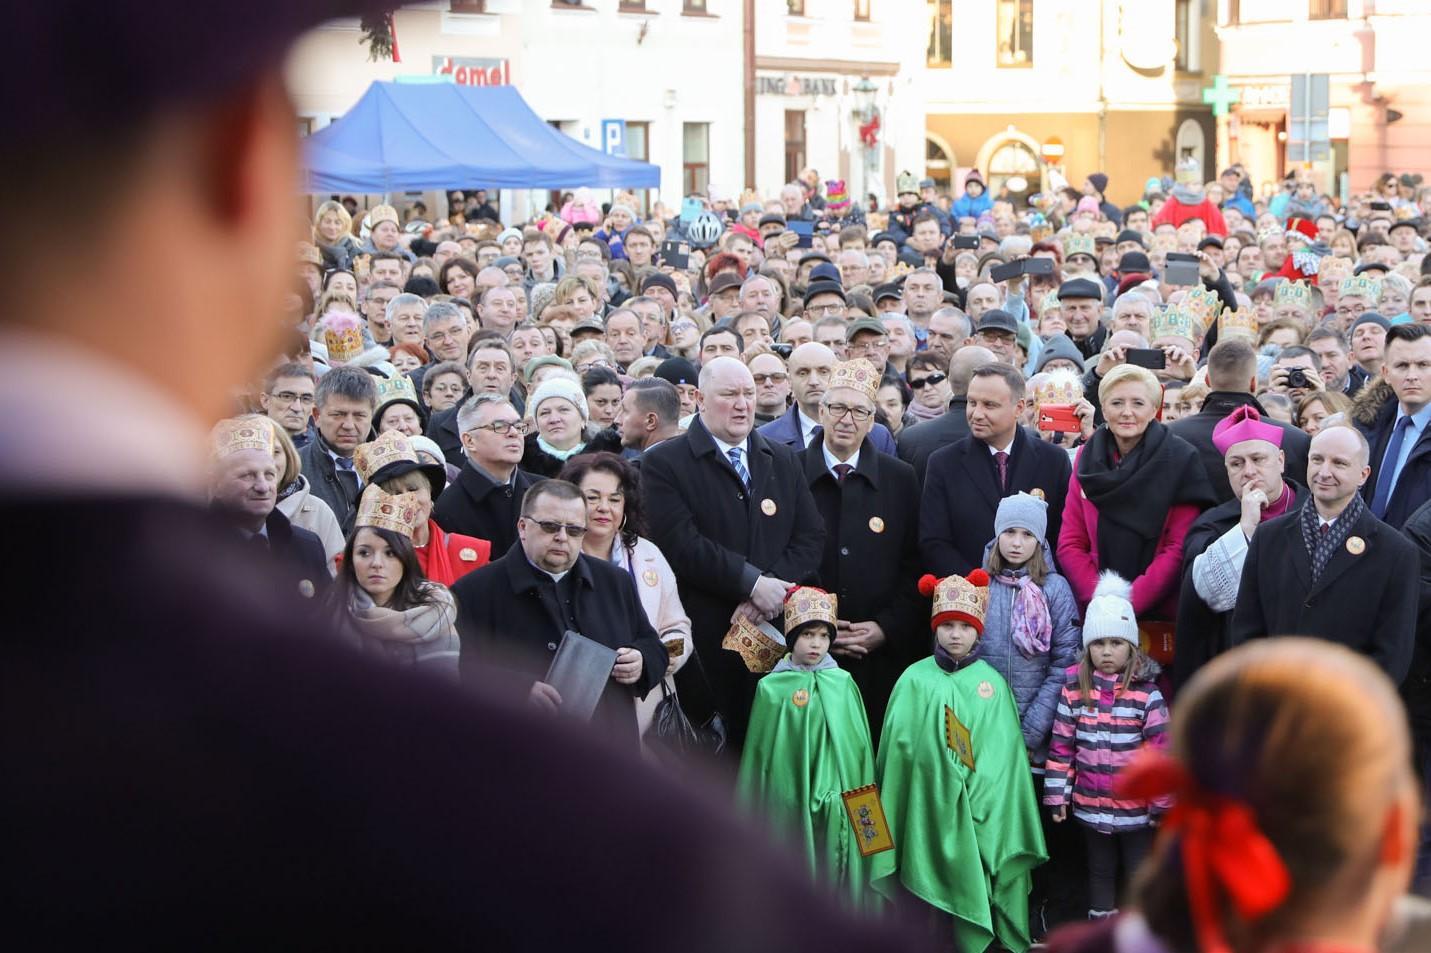 Skoczów - w uroczystości udział wzięły tłumy mieszkańców. Podobnie było w ponad 600 miastach, gdzie takie wydarzenia odbyły się (fot. prezydent.pl/Jakub Szymczuk)